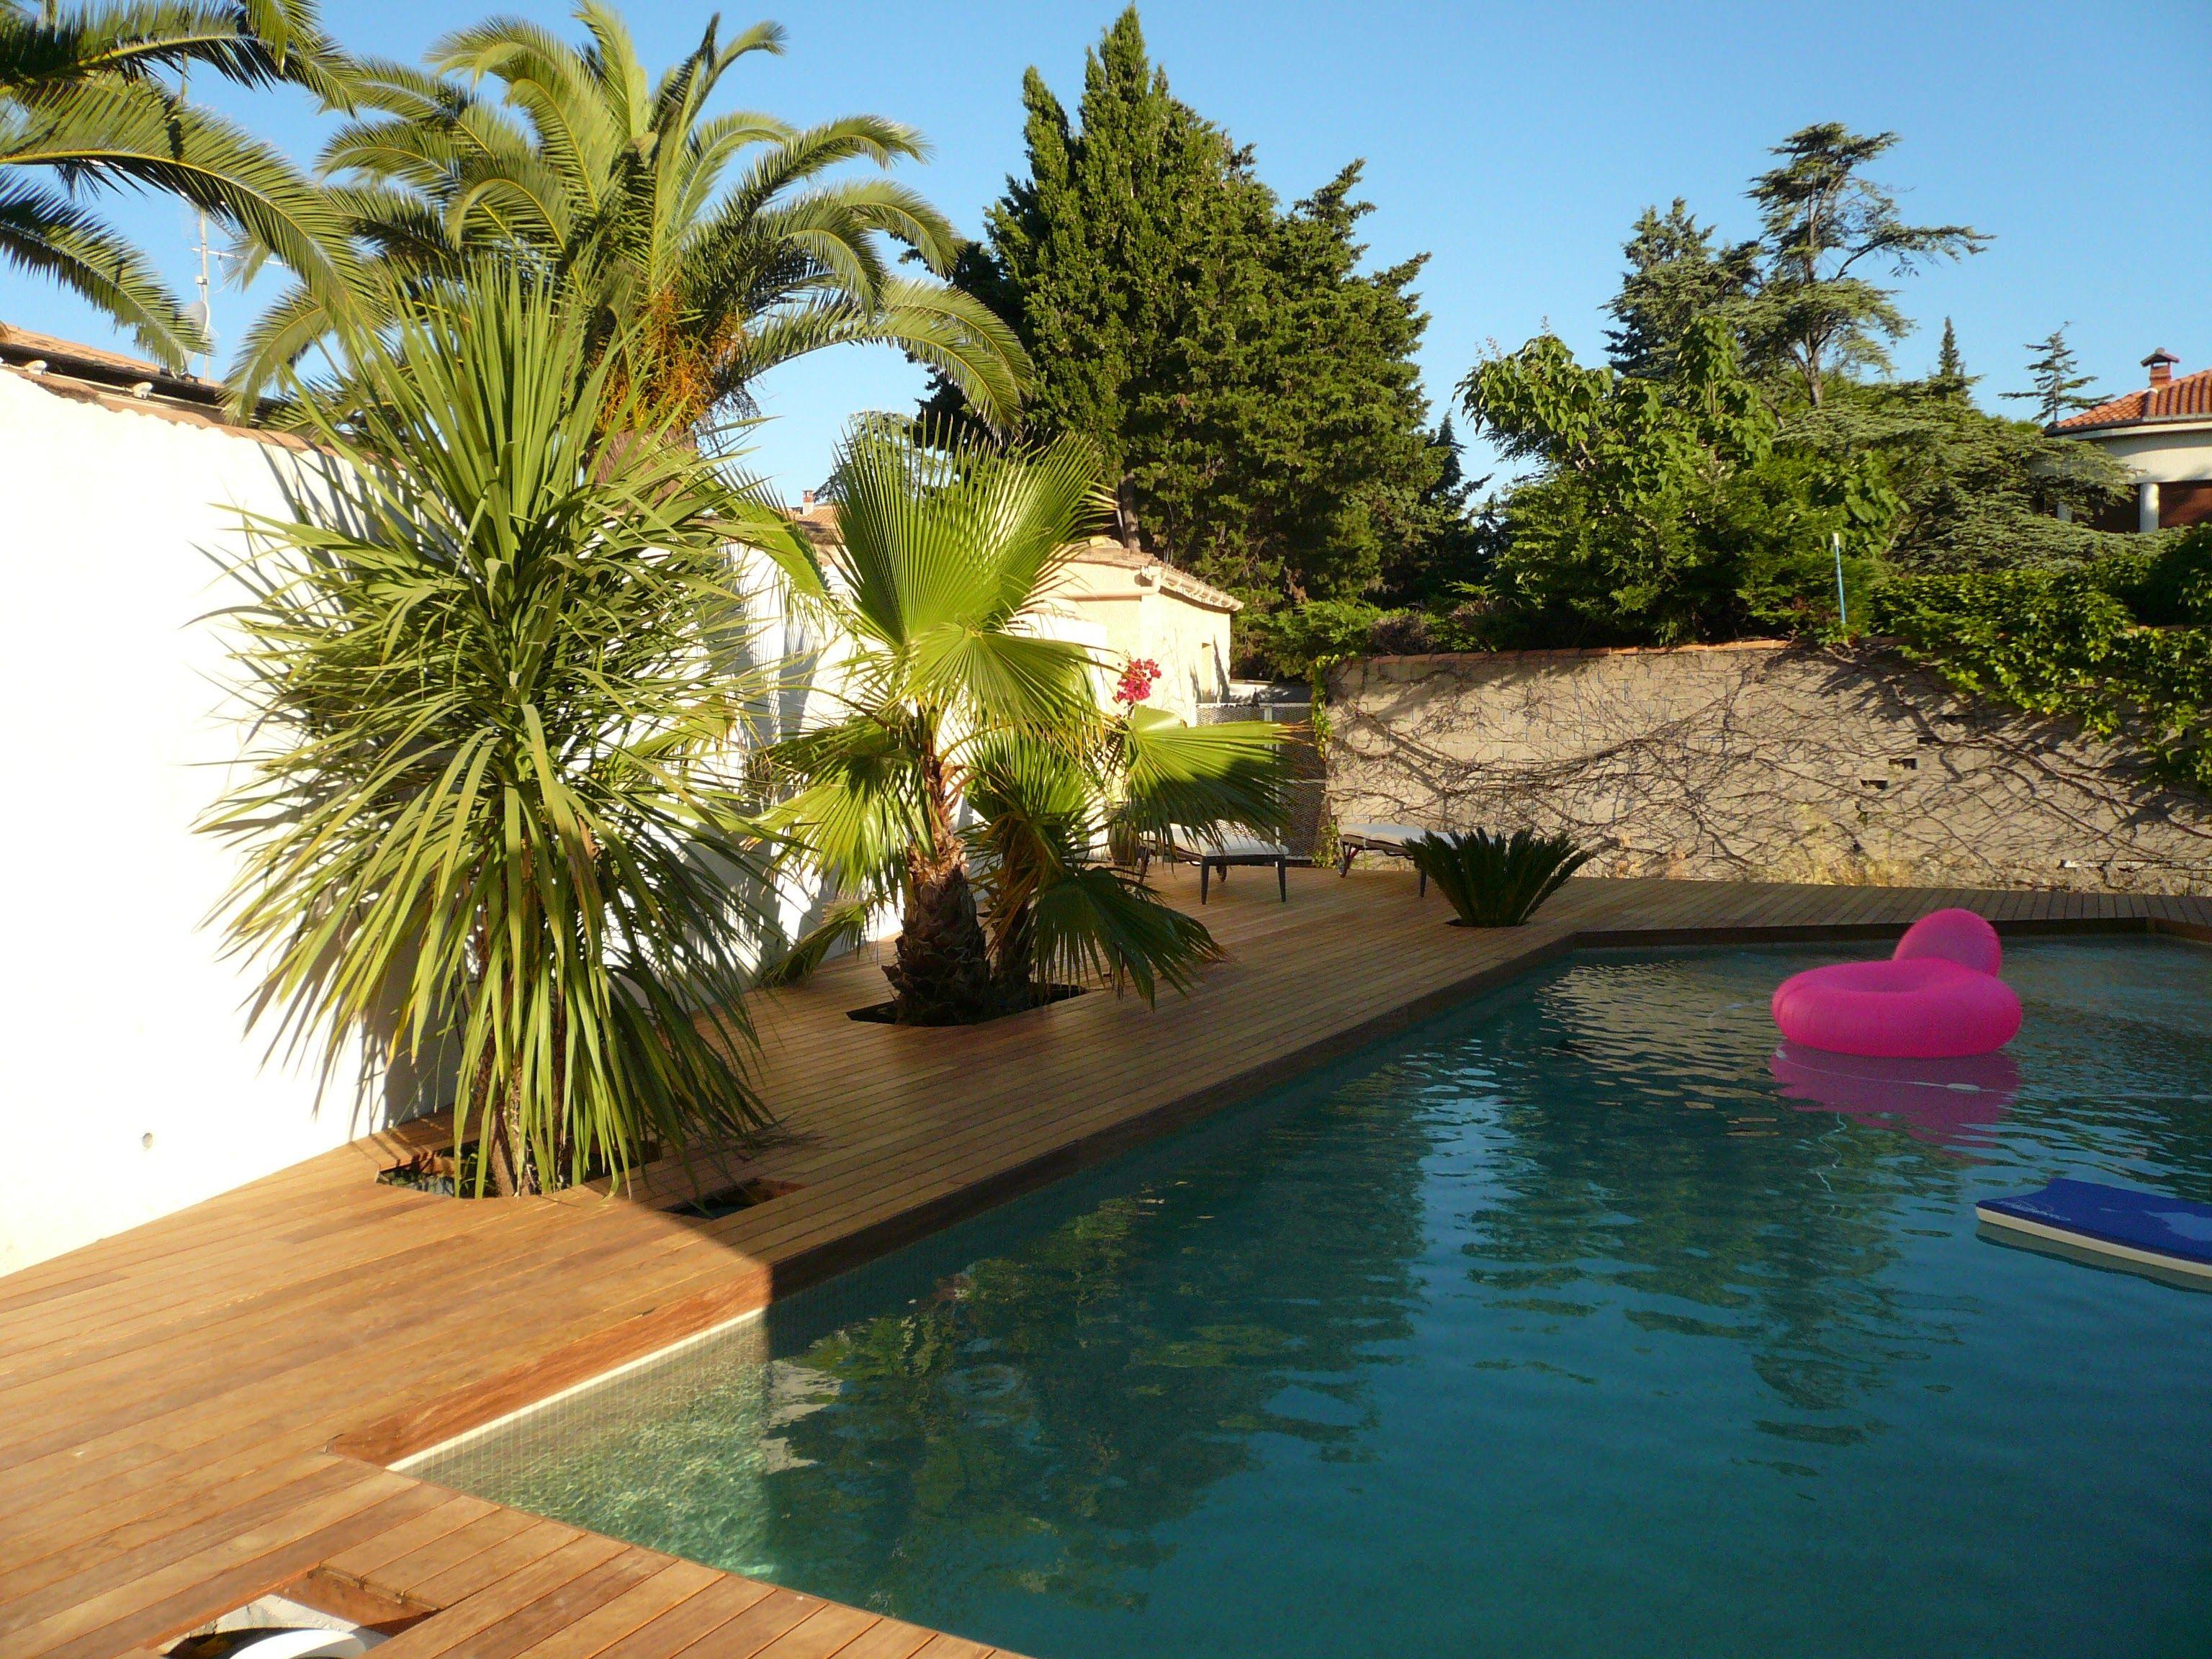 Terrasse de piscine Ipé visserie cachée margelle intégrée ...